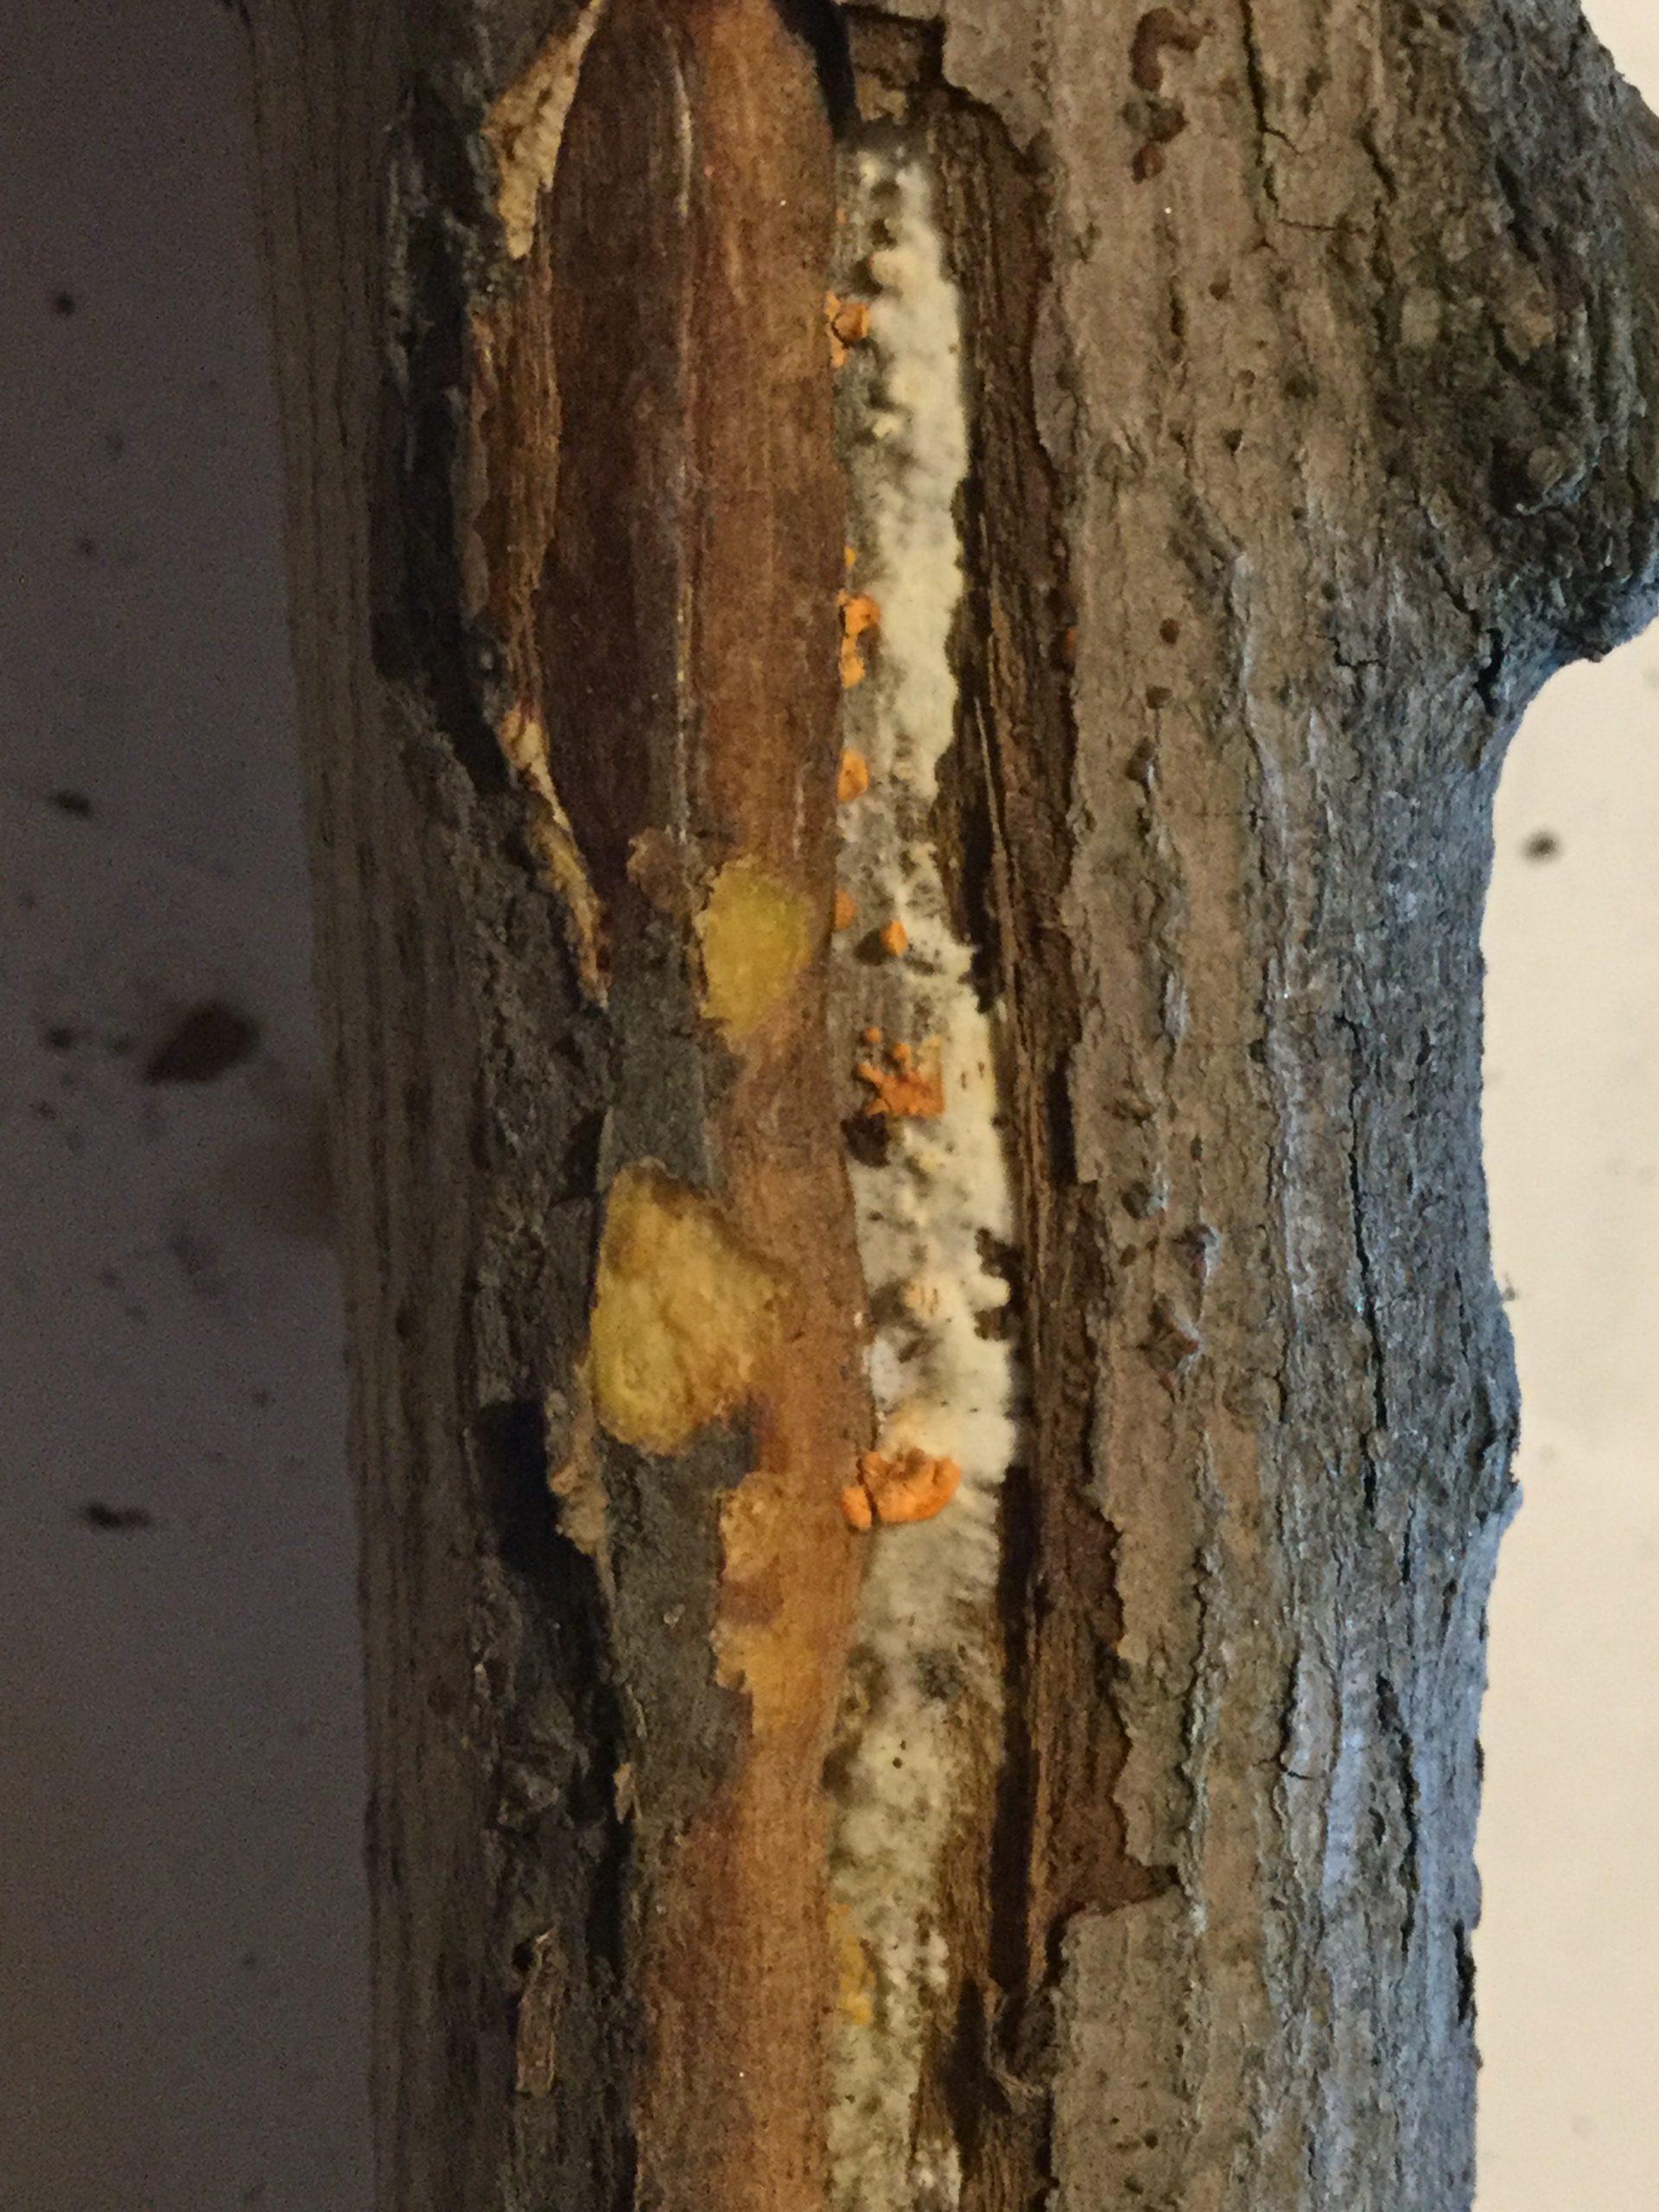 papilláris urothelialis neoplazma patológiájának körvonalai